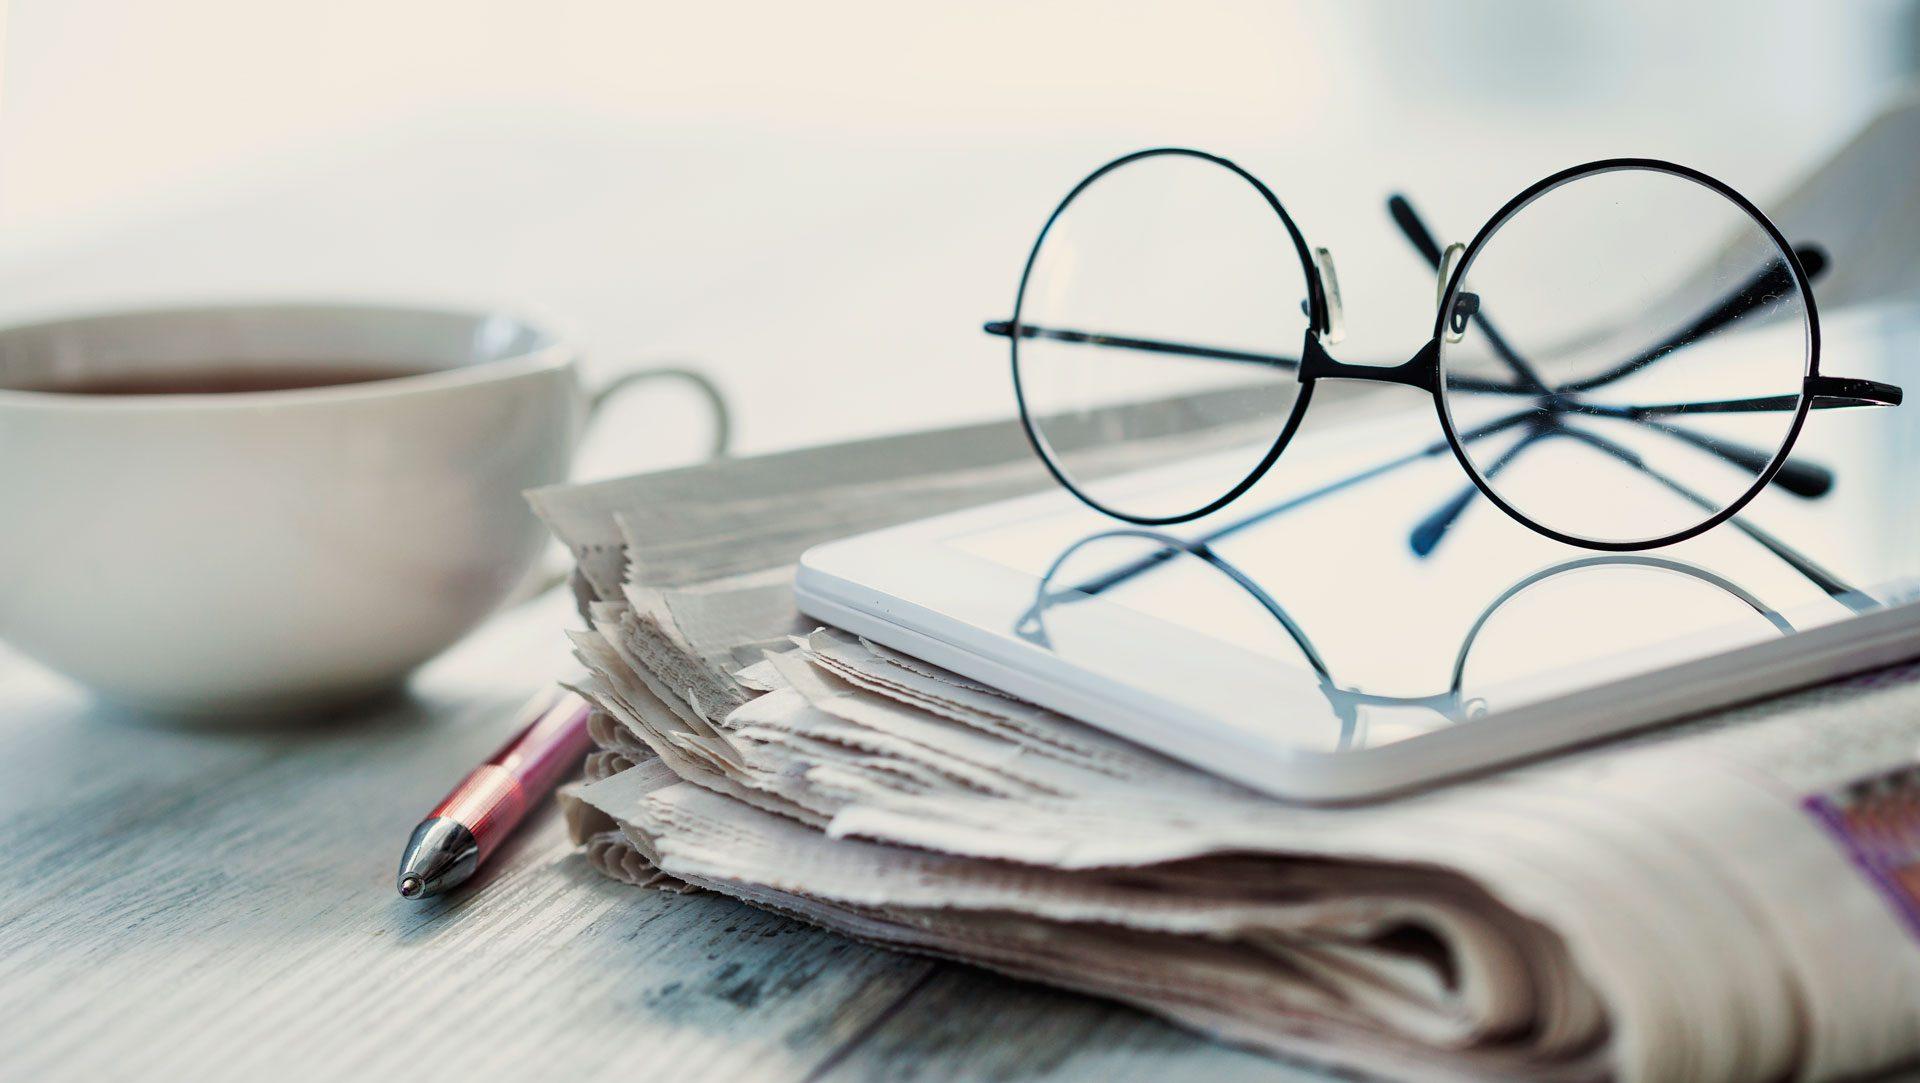 Der Pressespiegel-Paragraf und die VG Wort